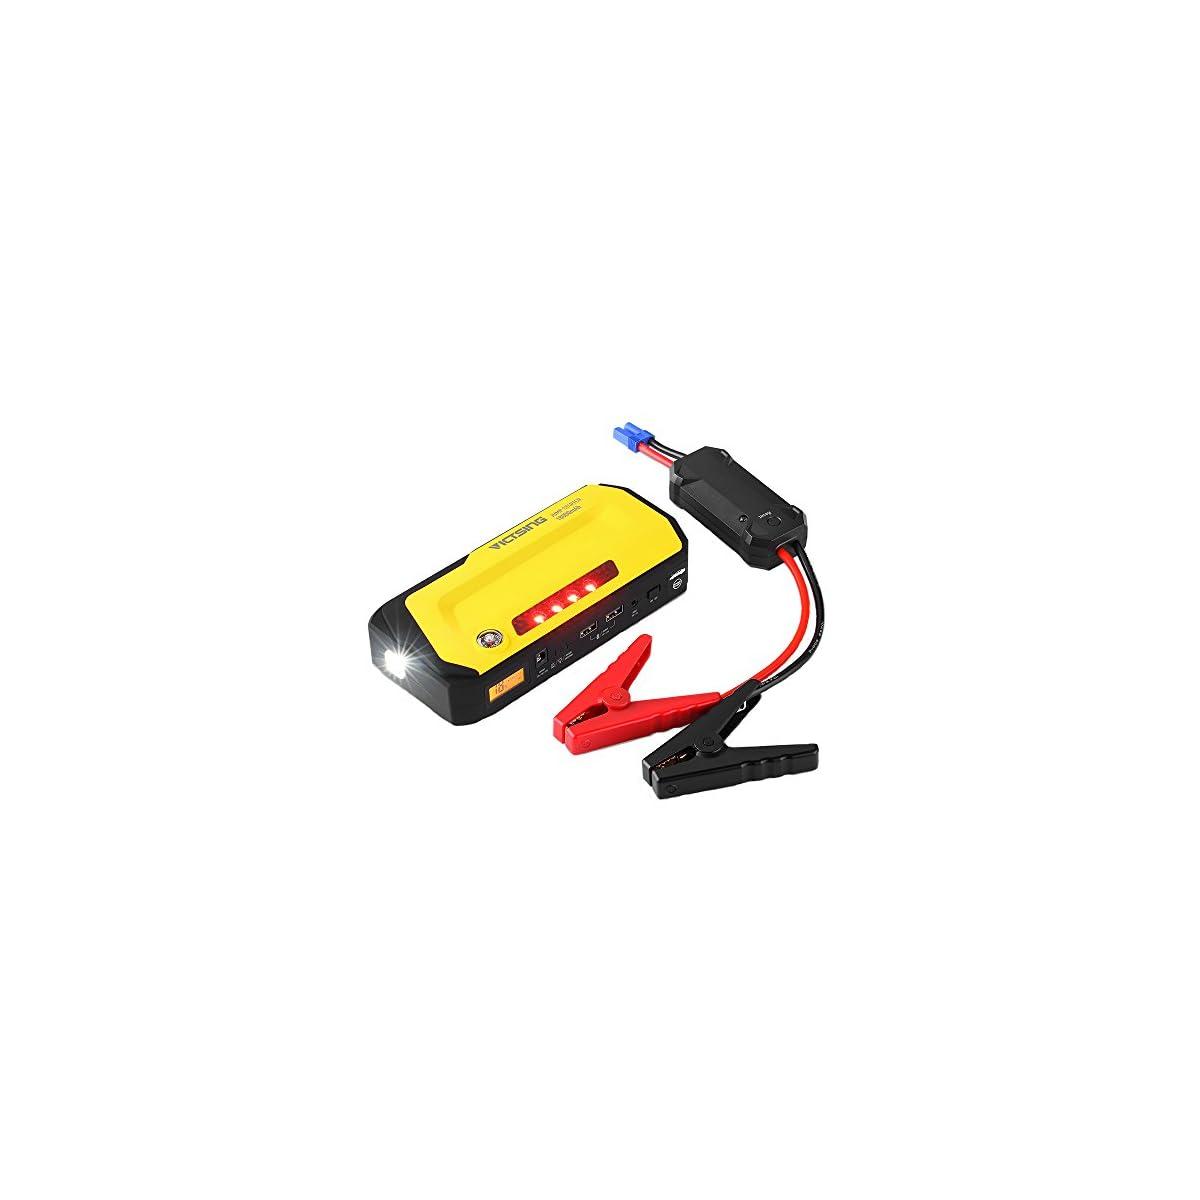 51xze2cWcsL. SS1200  - Jump Starter 18000mAh 600A, VicTsing Pack de Emergencia para Arranque de Coche (Cargador de batería para portátil y Smartphone,Dos Puertos USB de Carga y Linterna LED,luz de Advertencia,brújula)